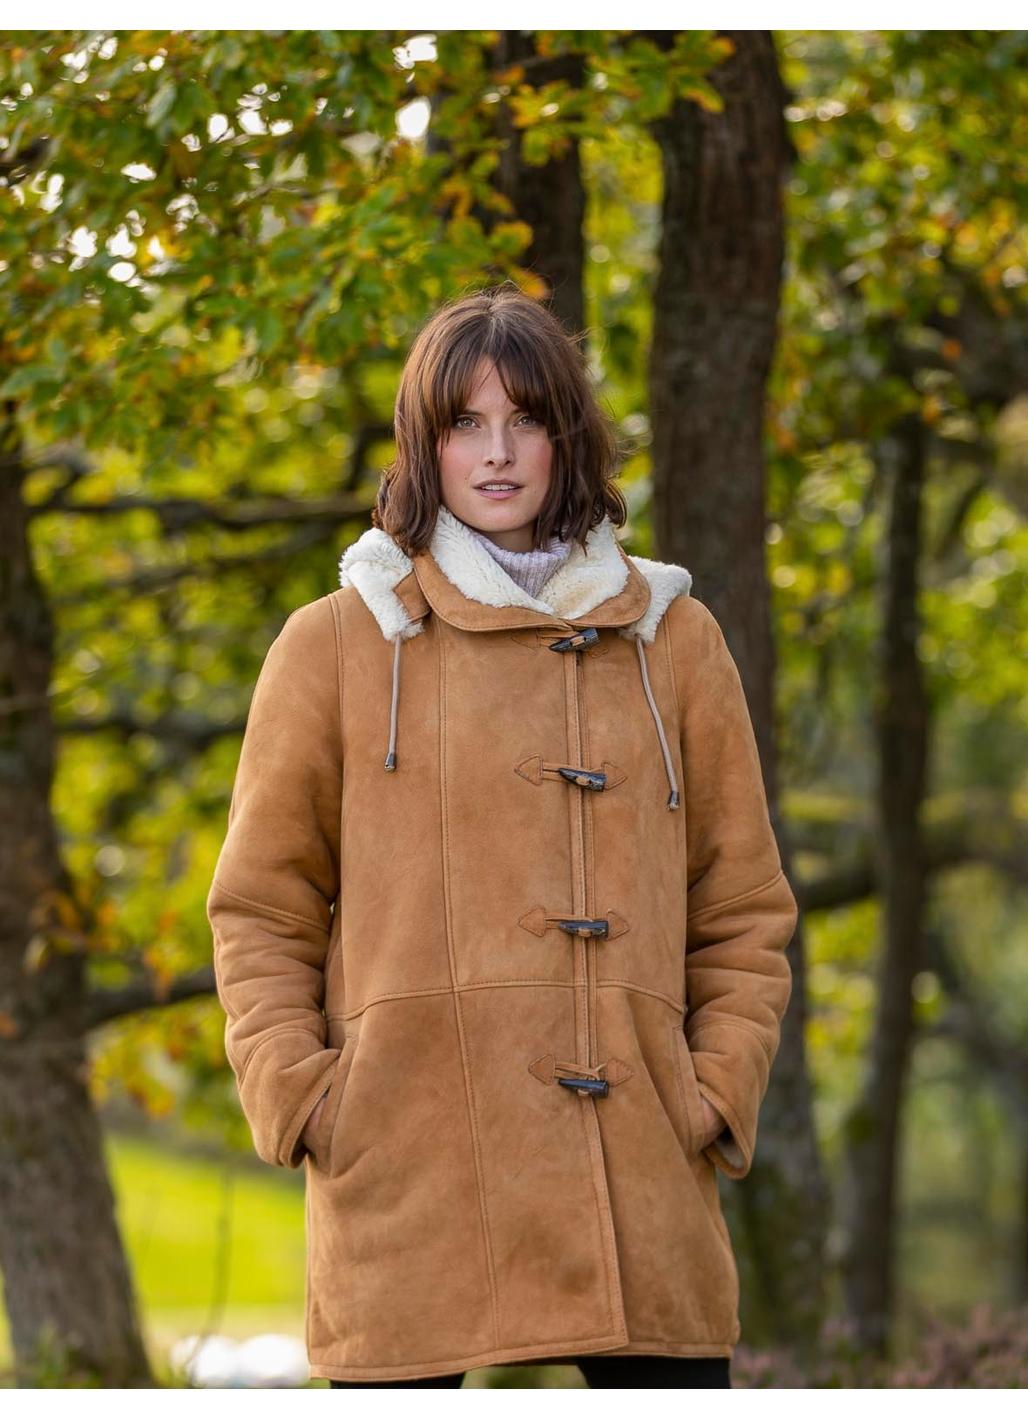 Parkgate Premium Sheepskin Duffle Coat in Tan